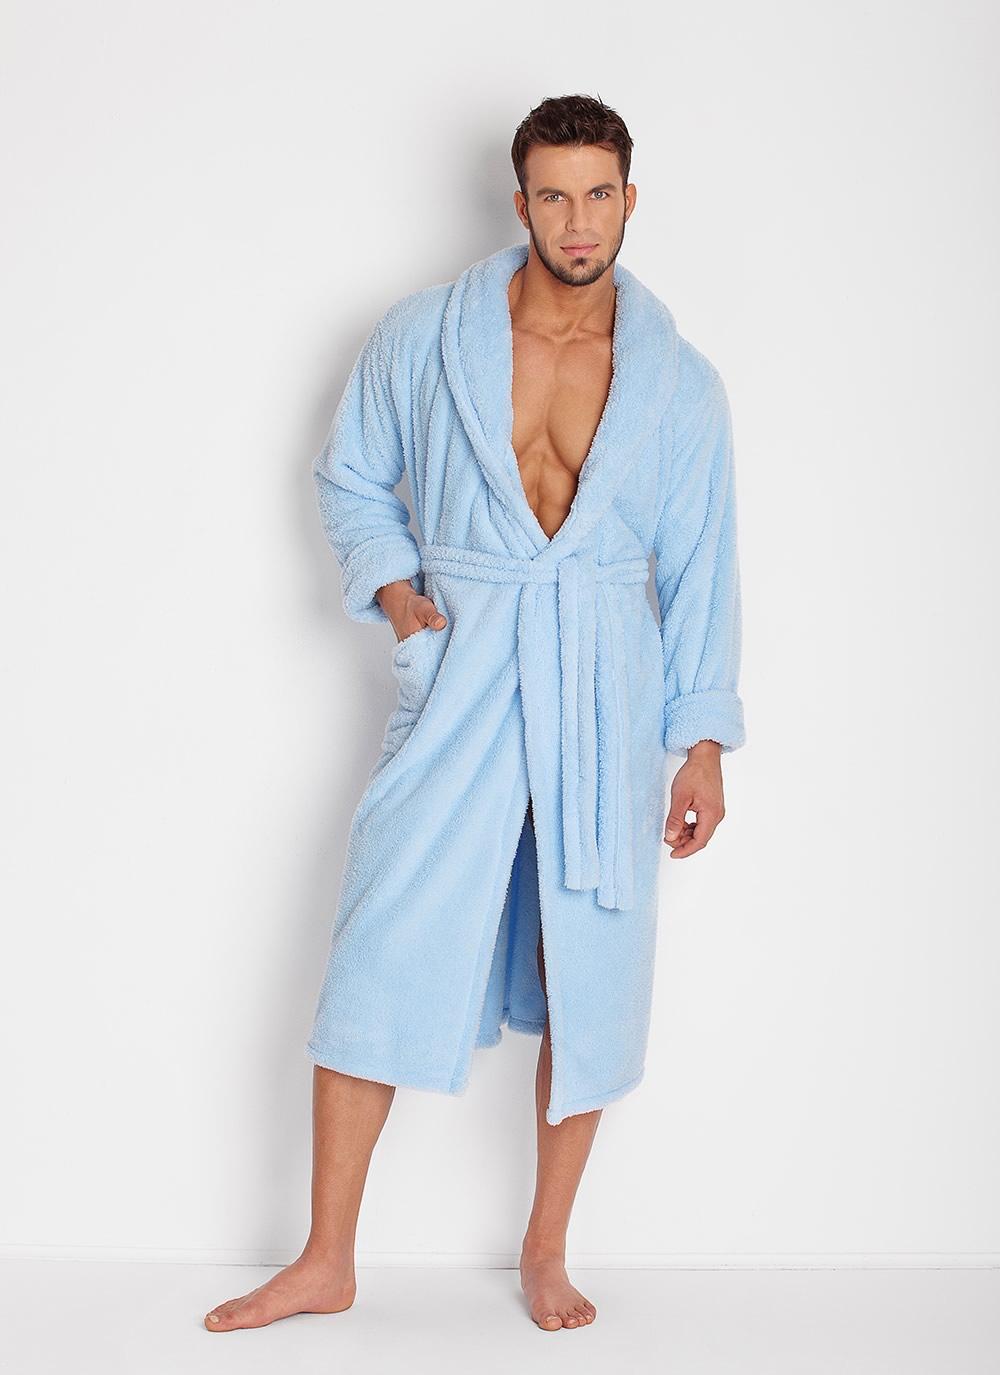 Men\'s Robe by D Karen Lingerie   Eye Kandee Lingerie Canada